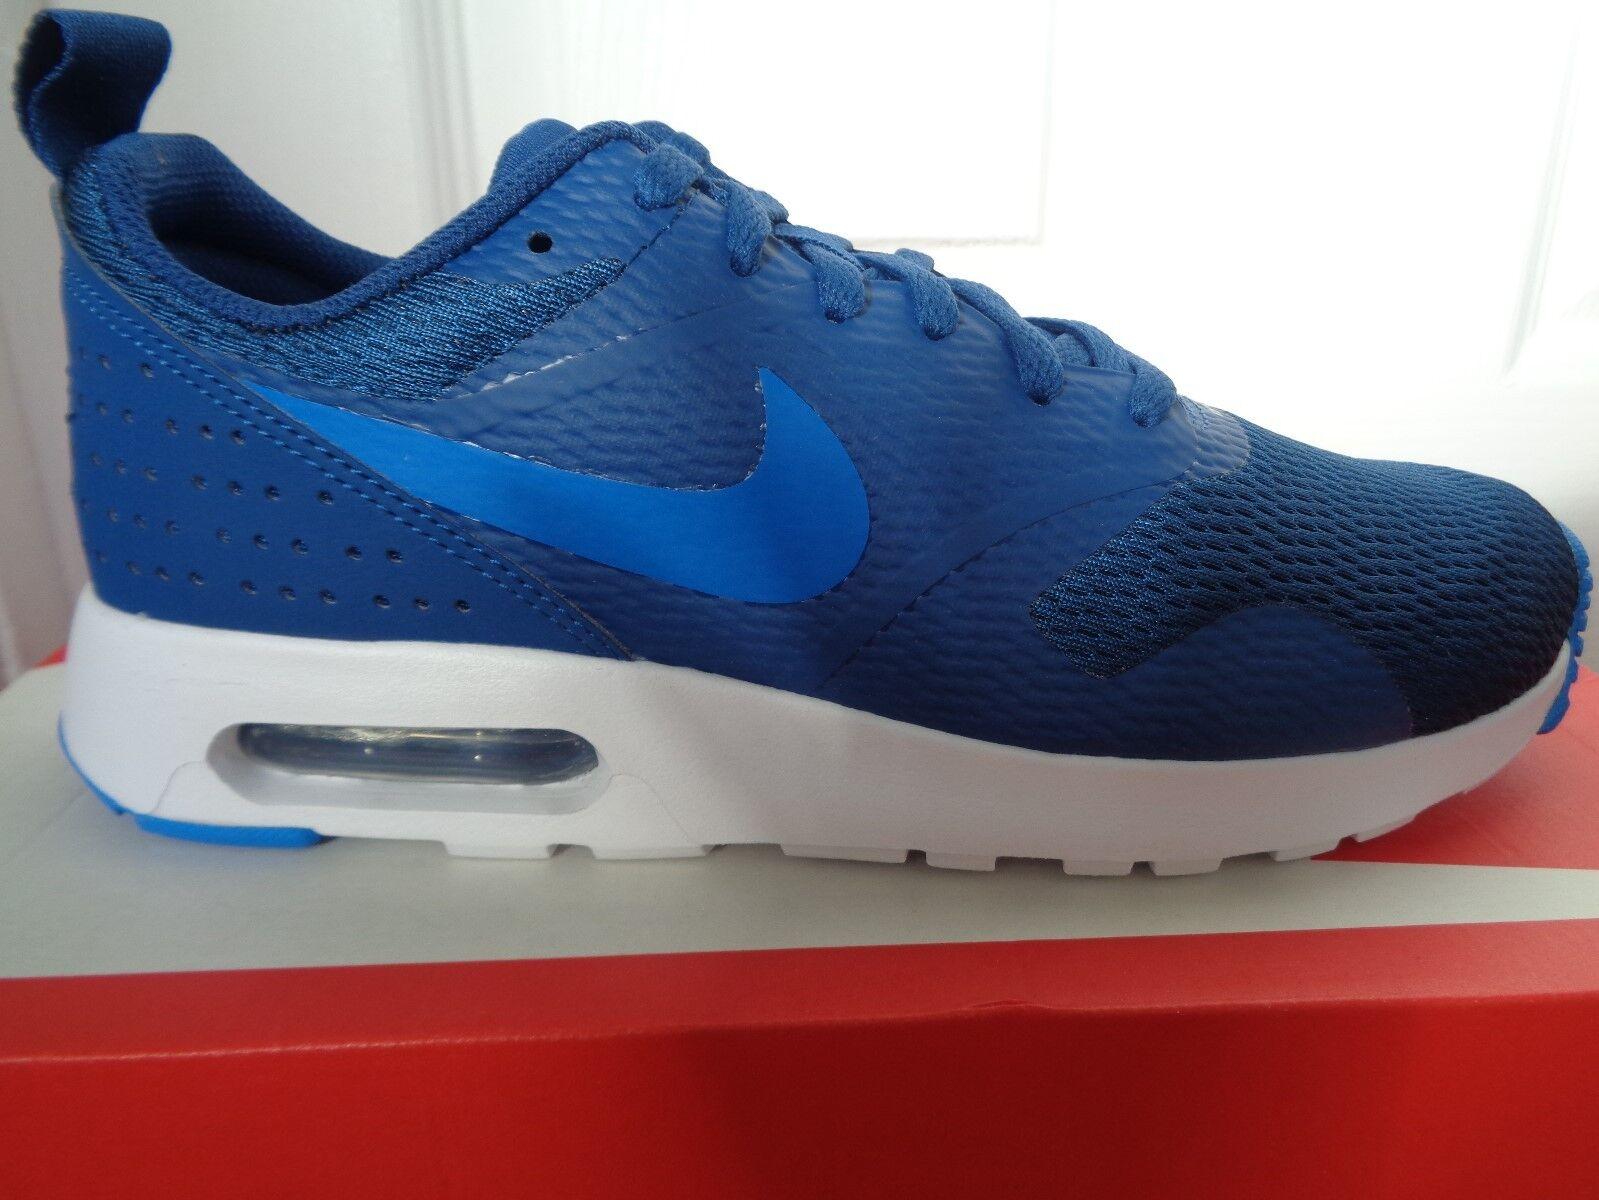 """new products 2a6b8 abb3e ... NIKE AIR AIR AIR MAX tavas scarpe da ginnastica Uomo Scarpe Da  Ginnastica 705149 403 UE """""""